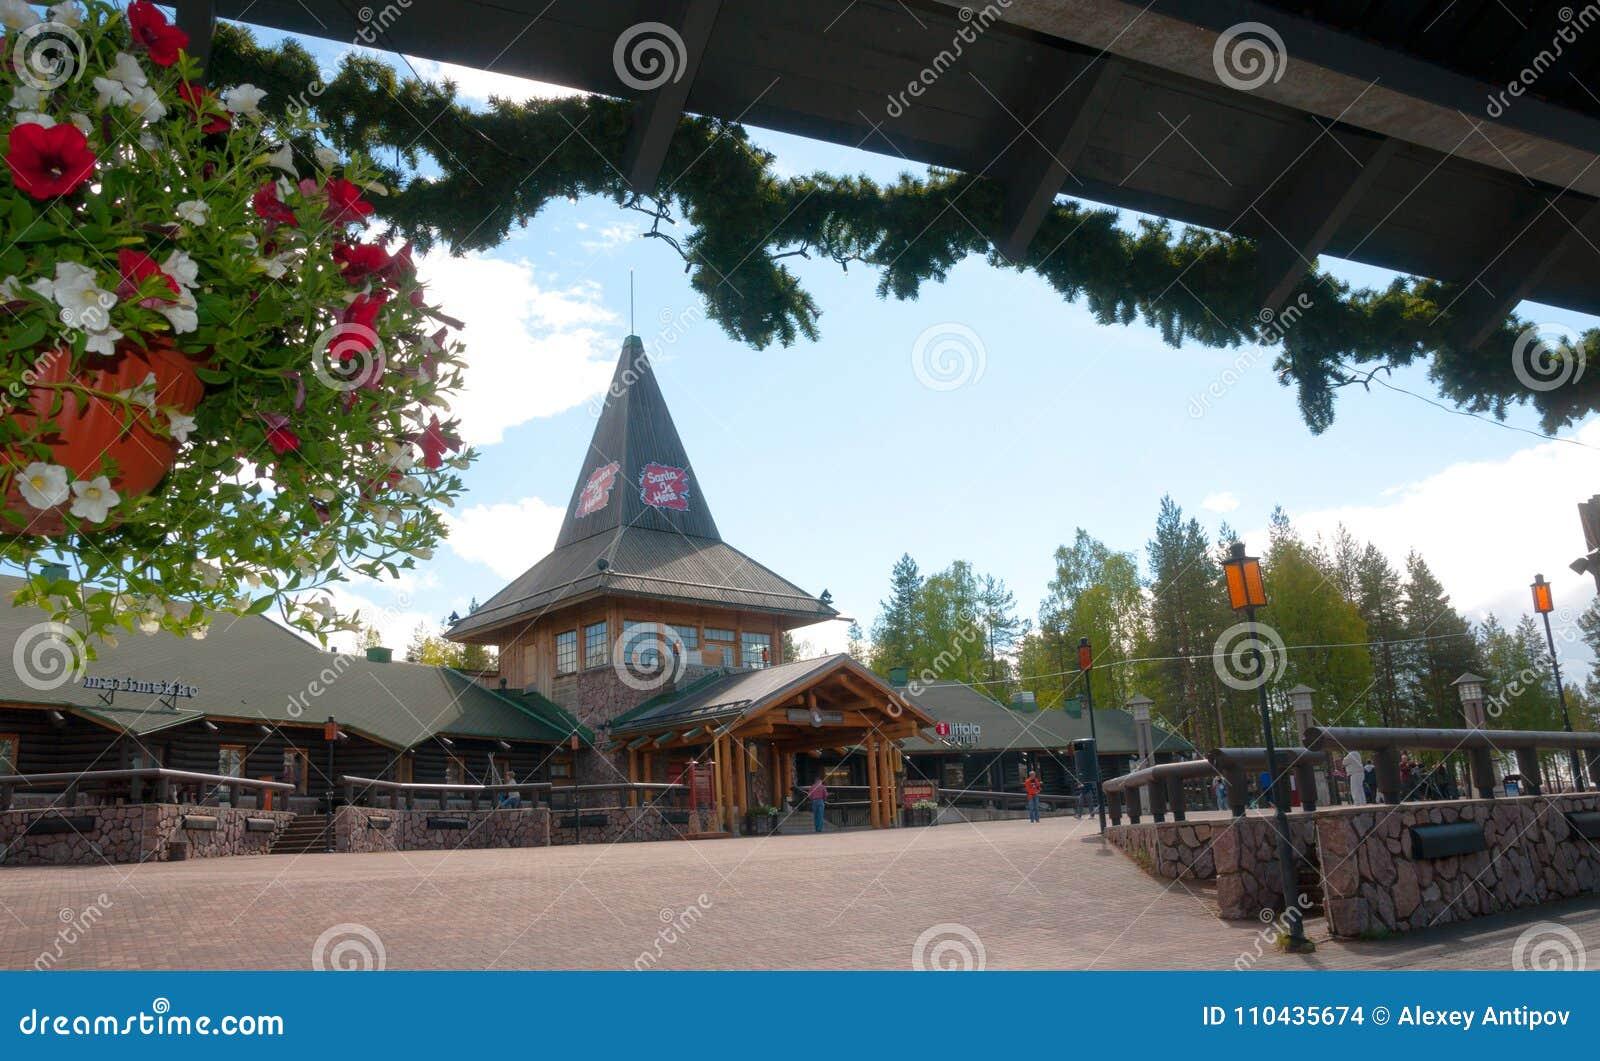 Rovaniemi Lapland region, Finland Santa Claus Village är ett nöjesfält i sommar